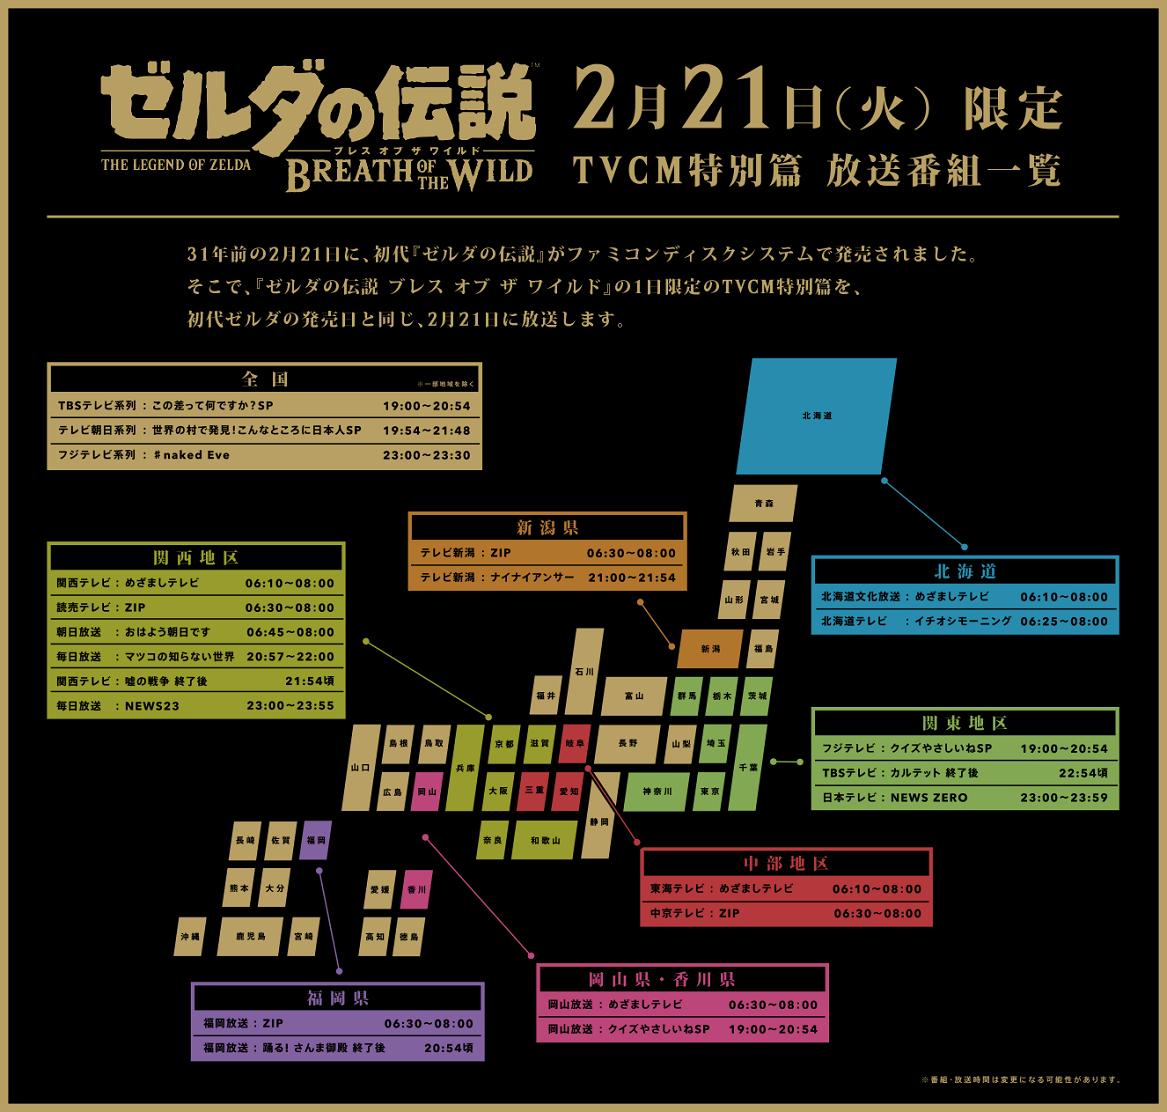 『ゼルダの伝説 ブレス オブ ザ ワイルド』のTVCM特別篇が2017年2月21日だけ1日限定で公開